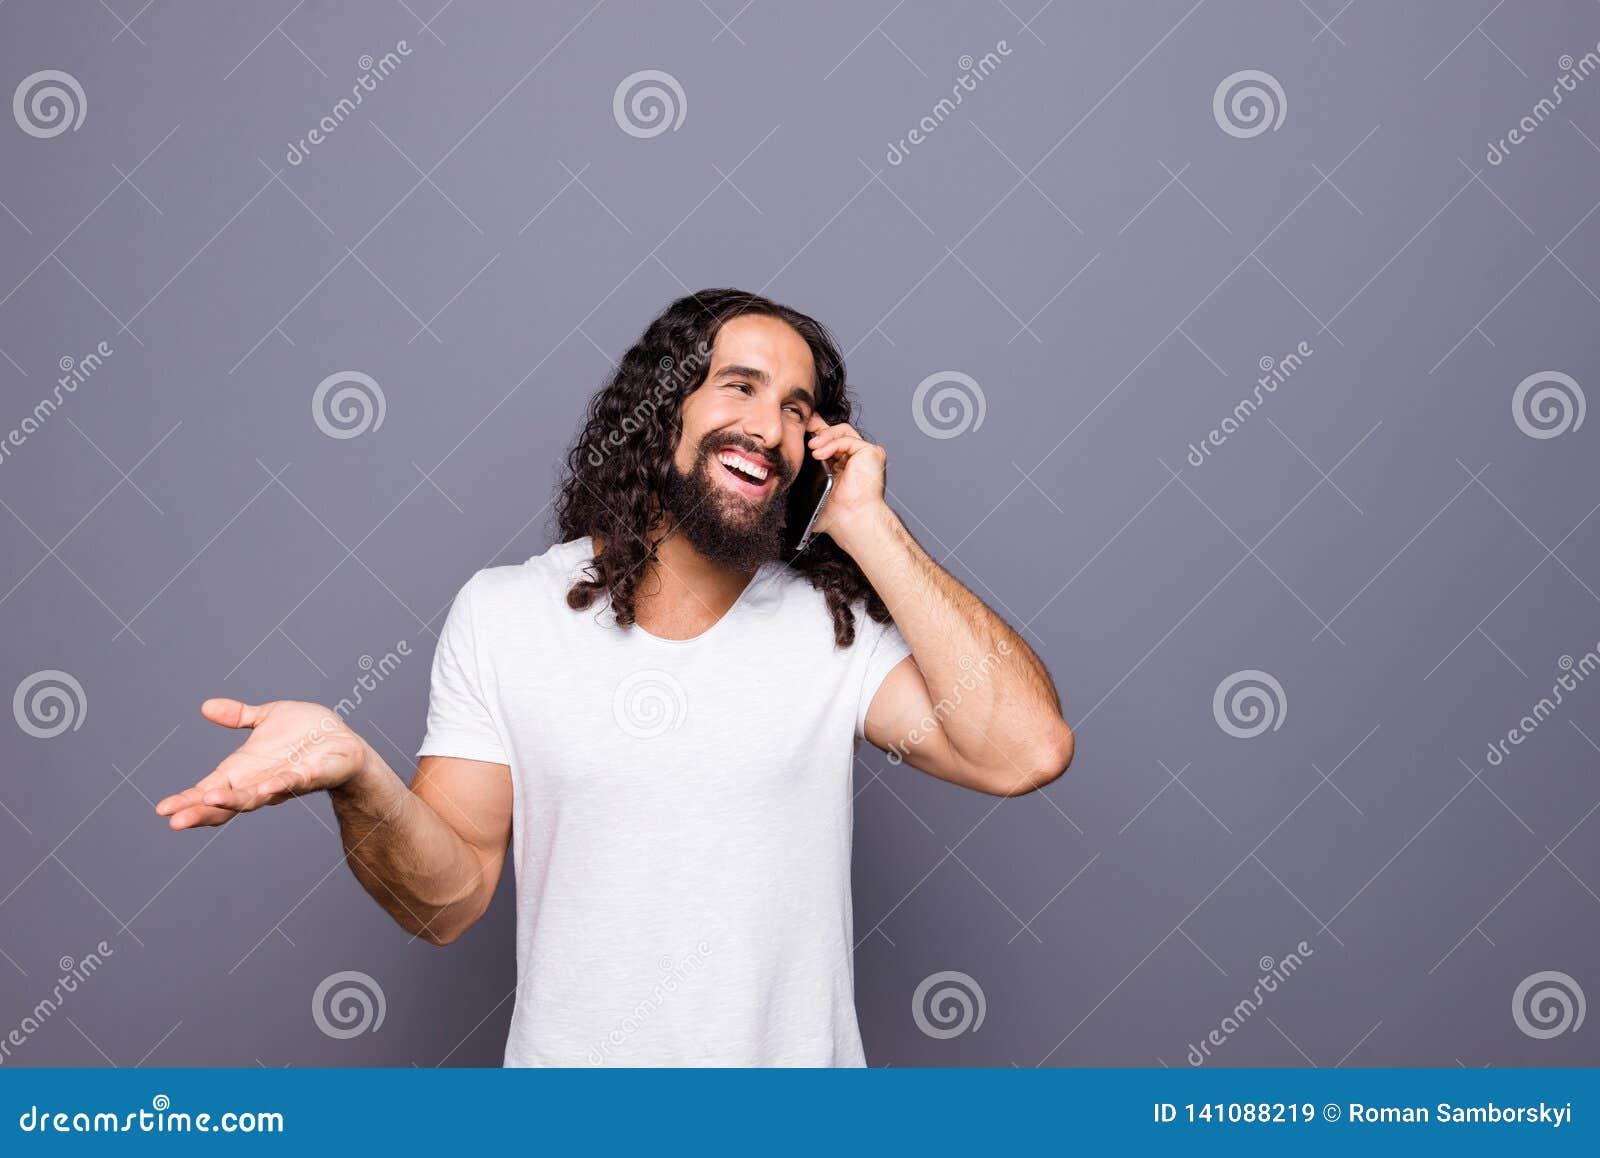 Πορτρέτο δικοί του αυτός συμπαθητικός καλλωπισμένος ελκυστικός εύθυμος χαρωπός κατσαρός τύπος που χρησιμοποιεί τη νέα συσκευή συσ